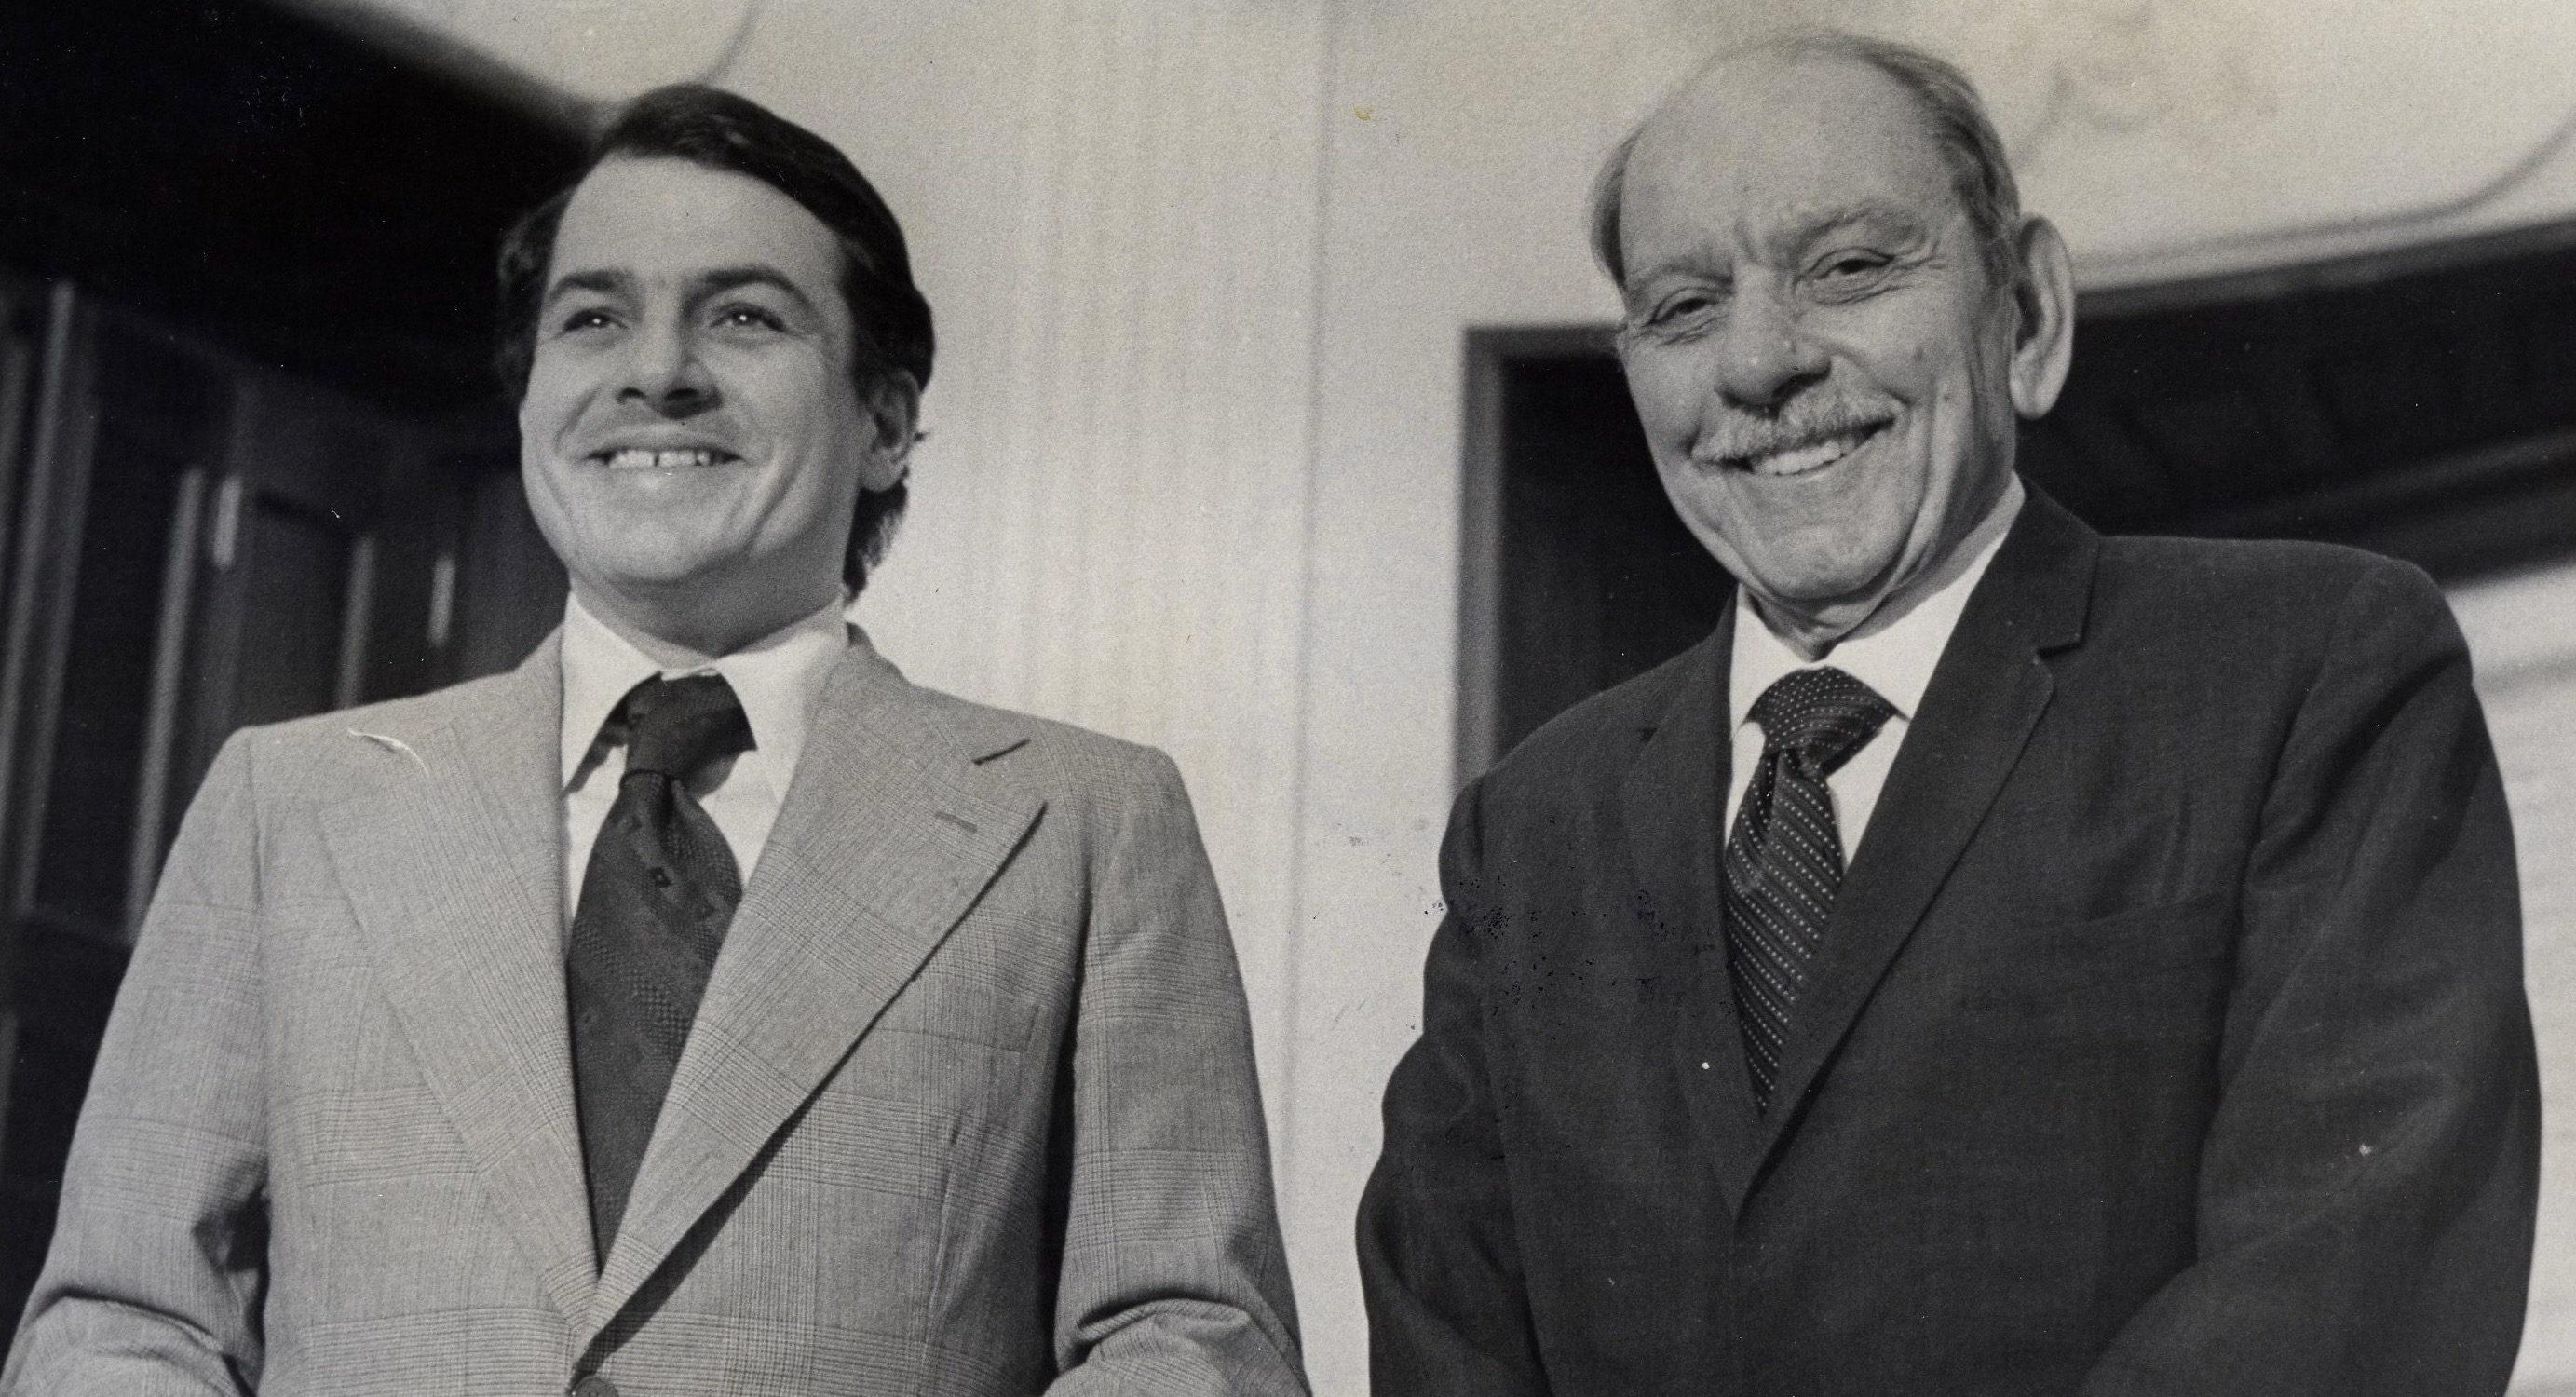 Rafael Hernández Colón y Luis Muñoz Marín. Foto de 1973. (Suministrada)